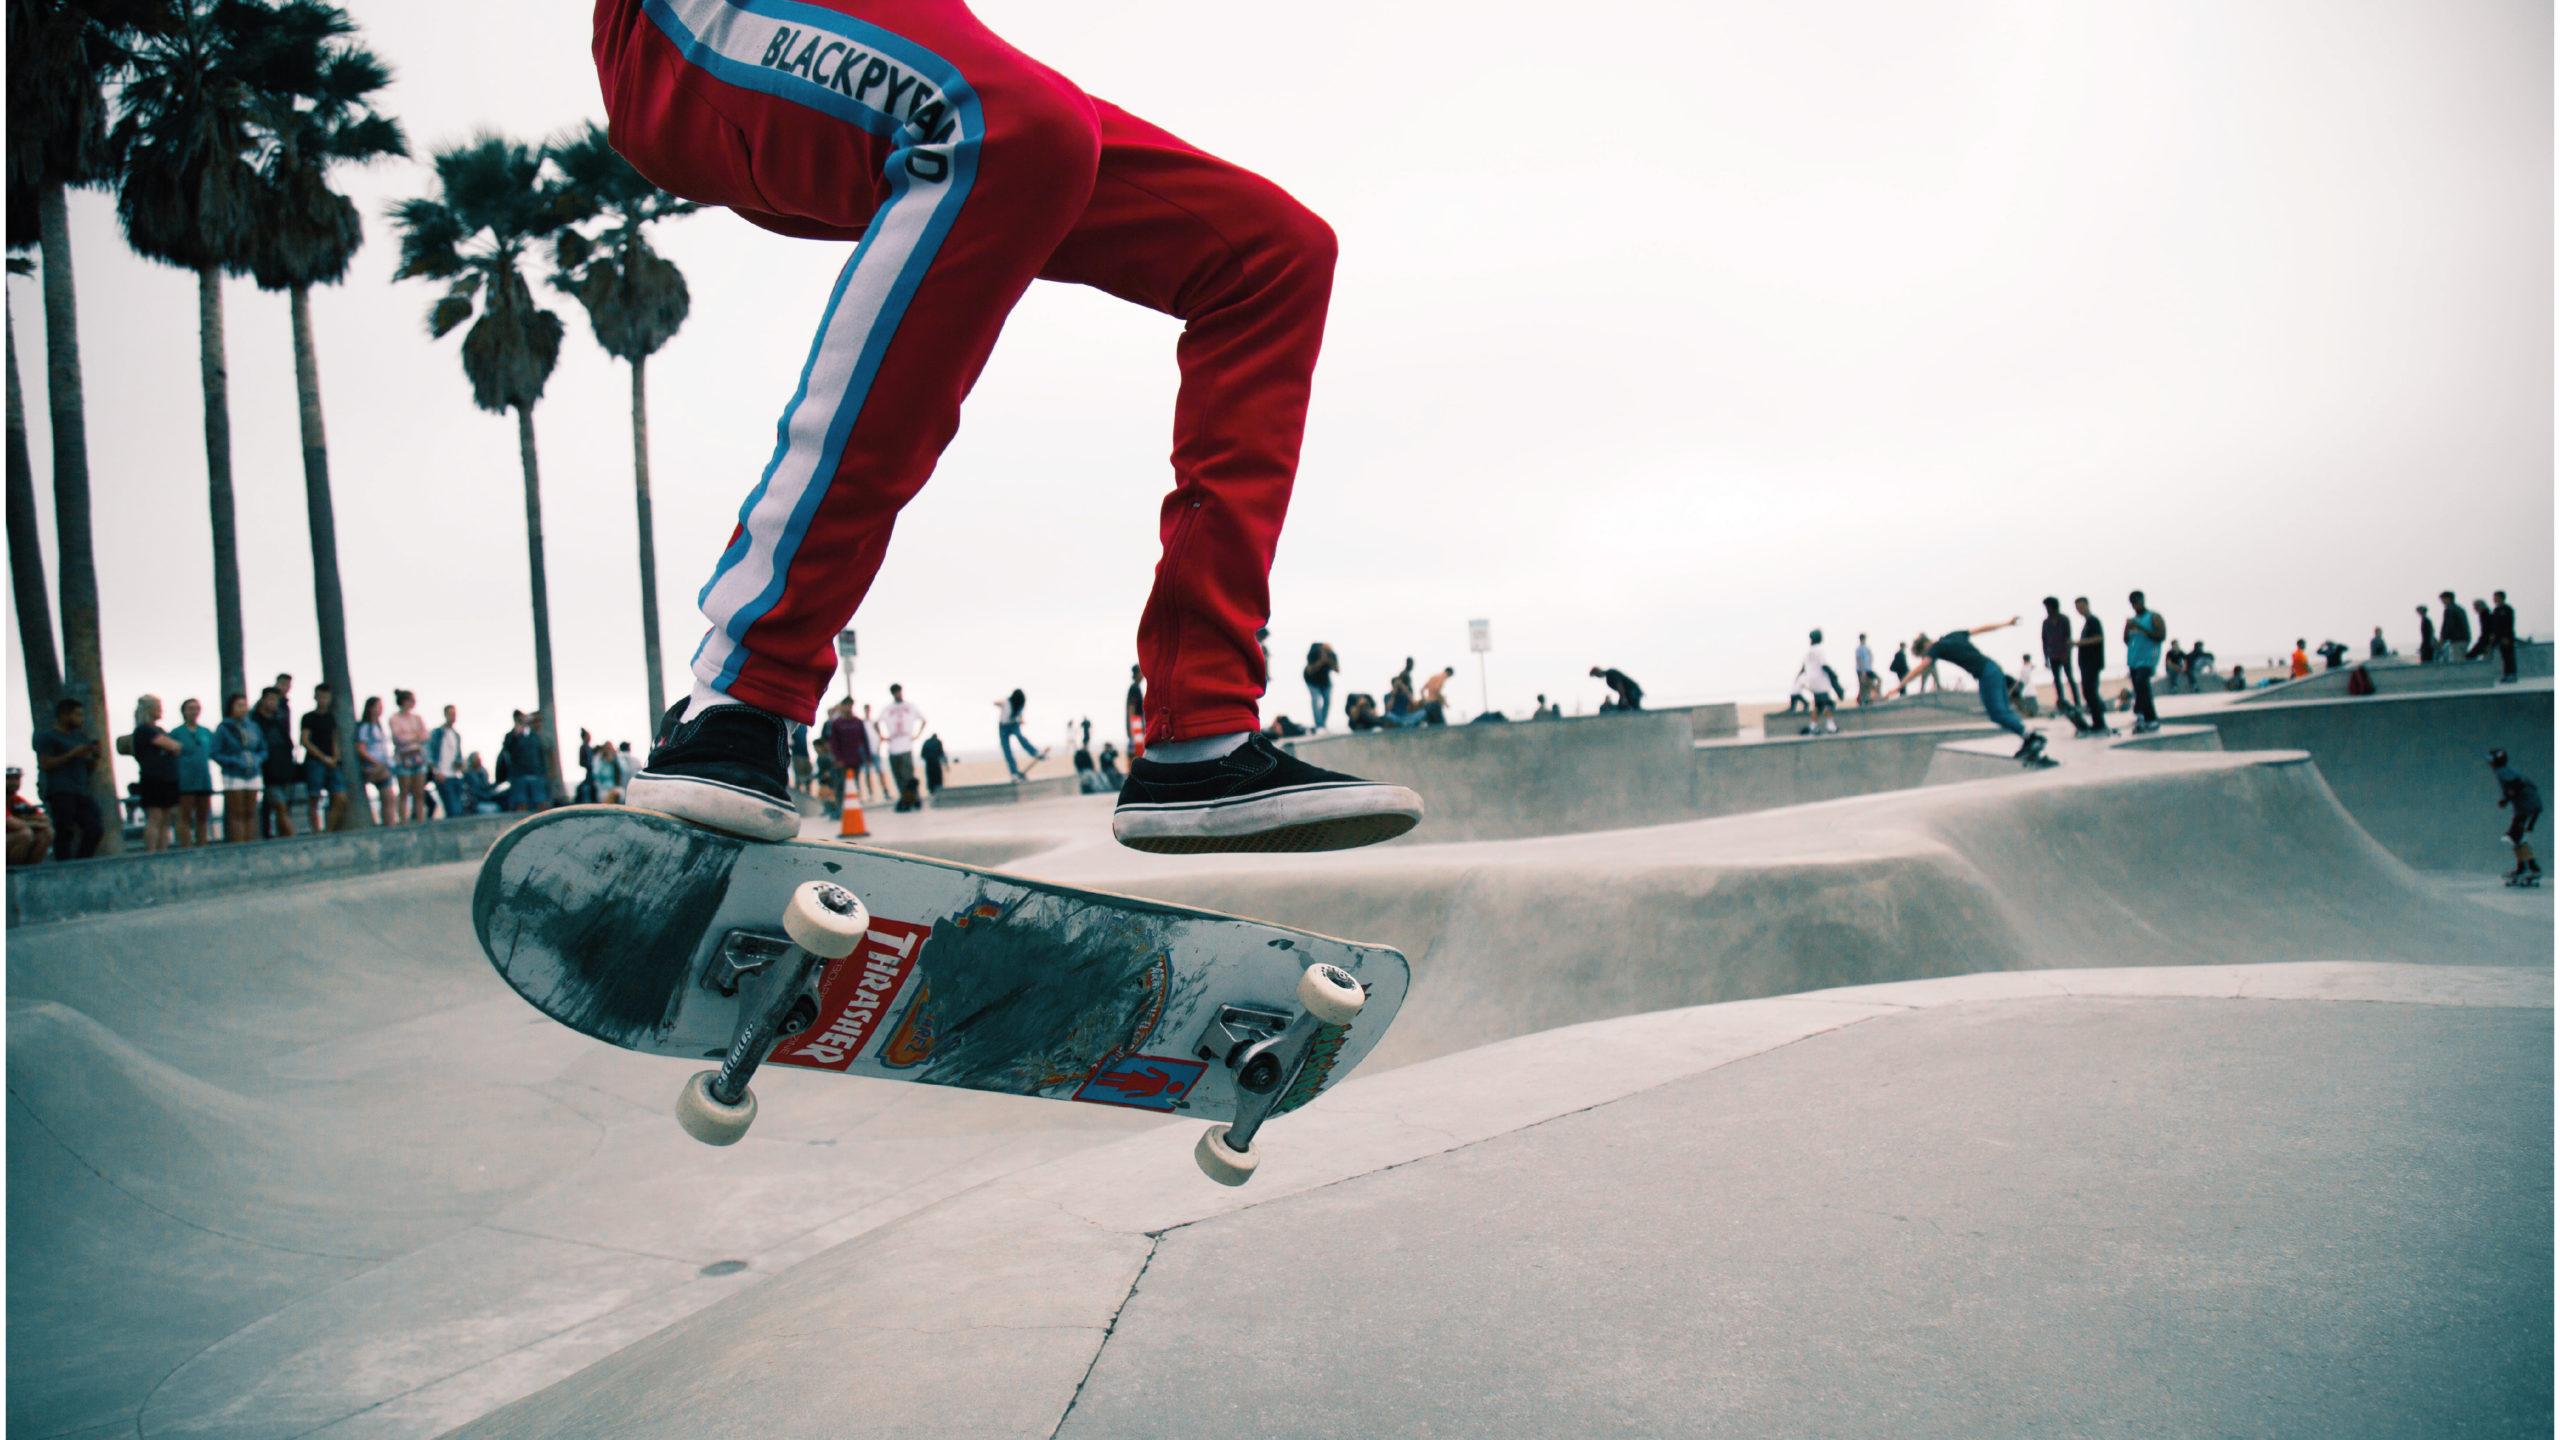 El skate se prepara para debutar en Juegos Olímpicos de Tokio